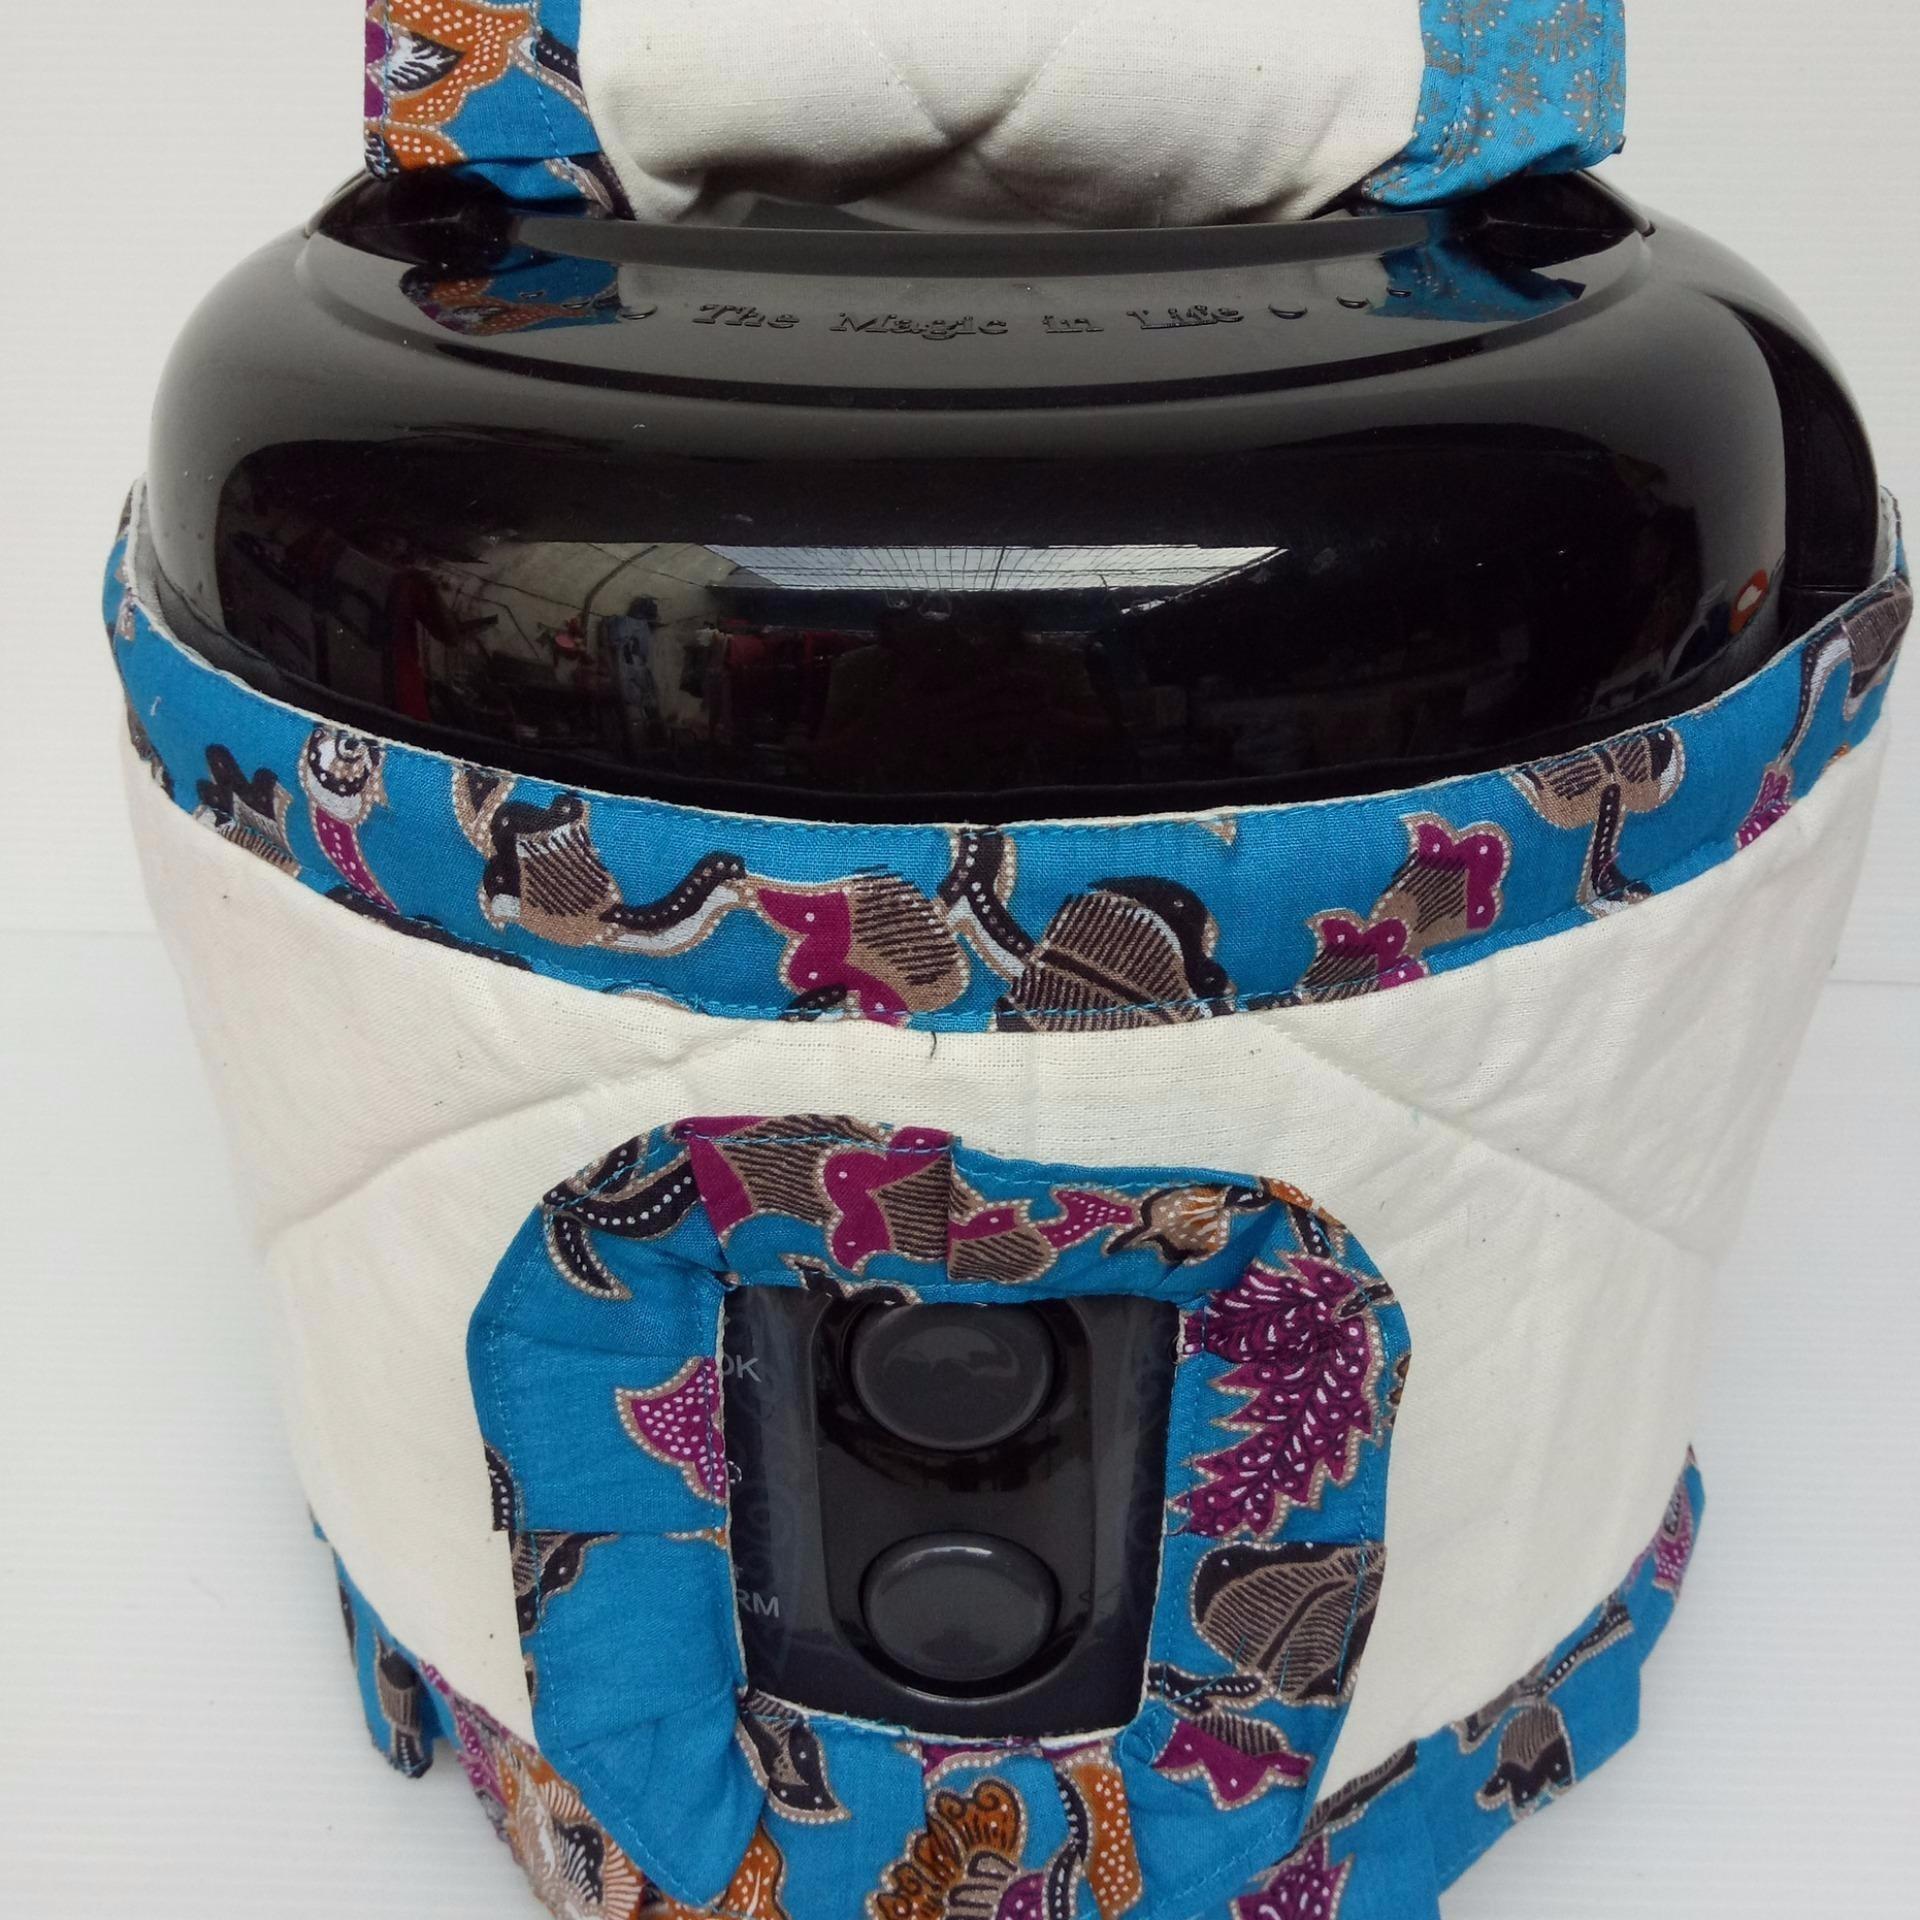 Sakura Motif Batik Cover Rice Cooker Daftar Harga Terbaru Cmos Magic Com 12l Crj10lj